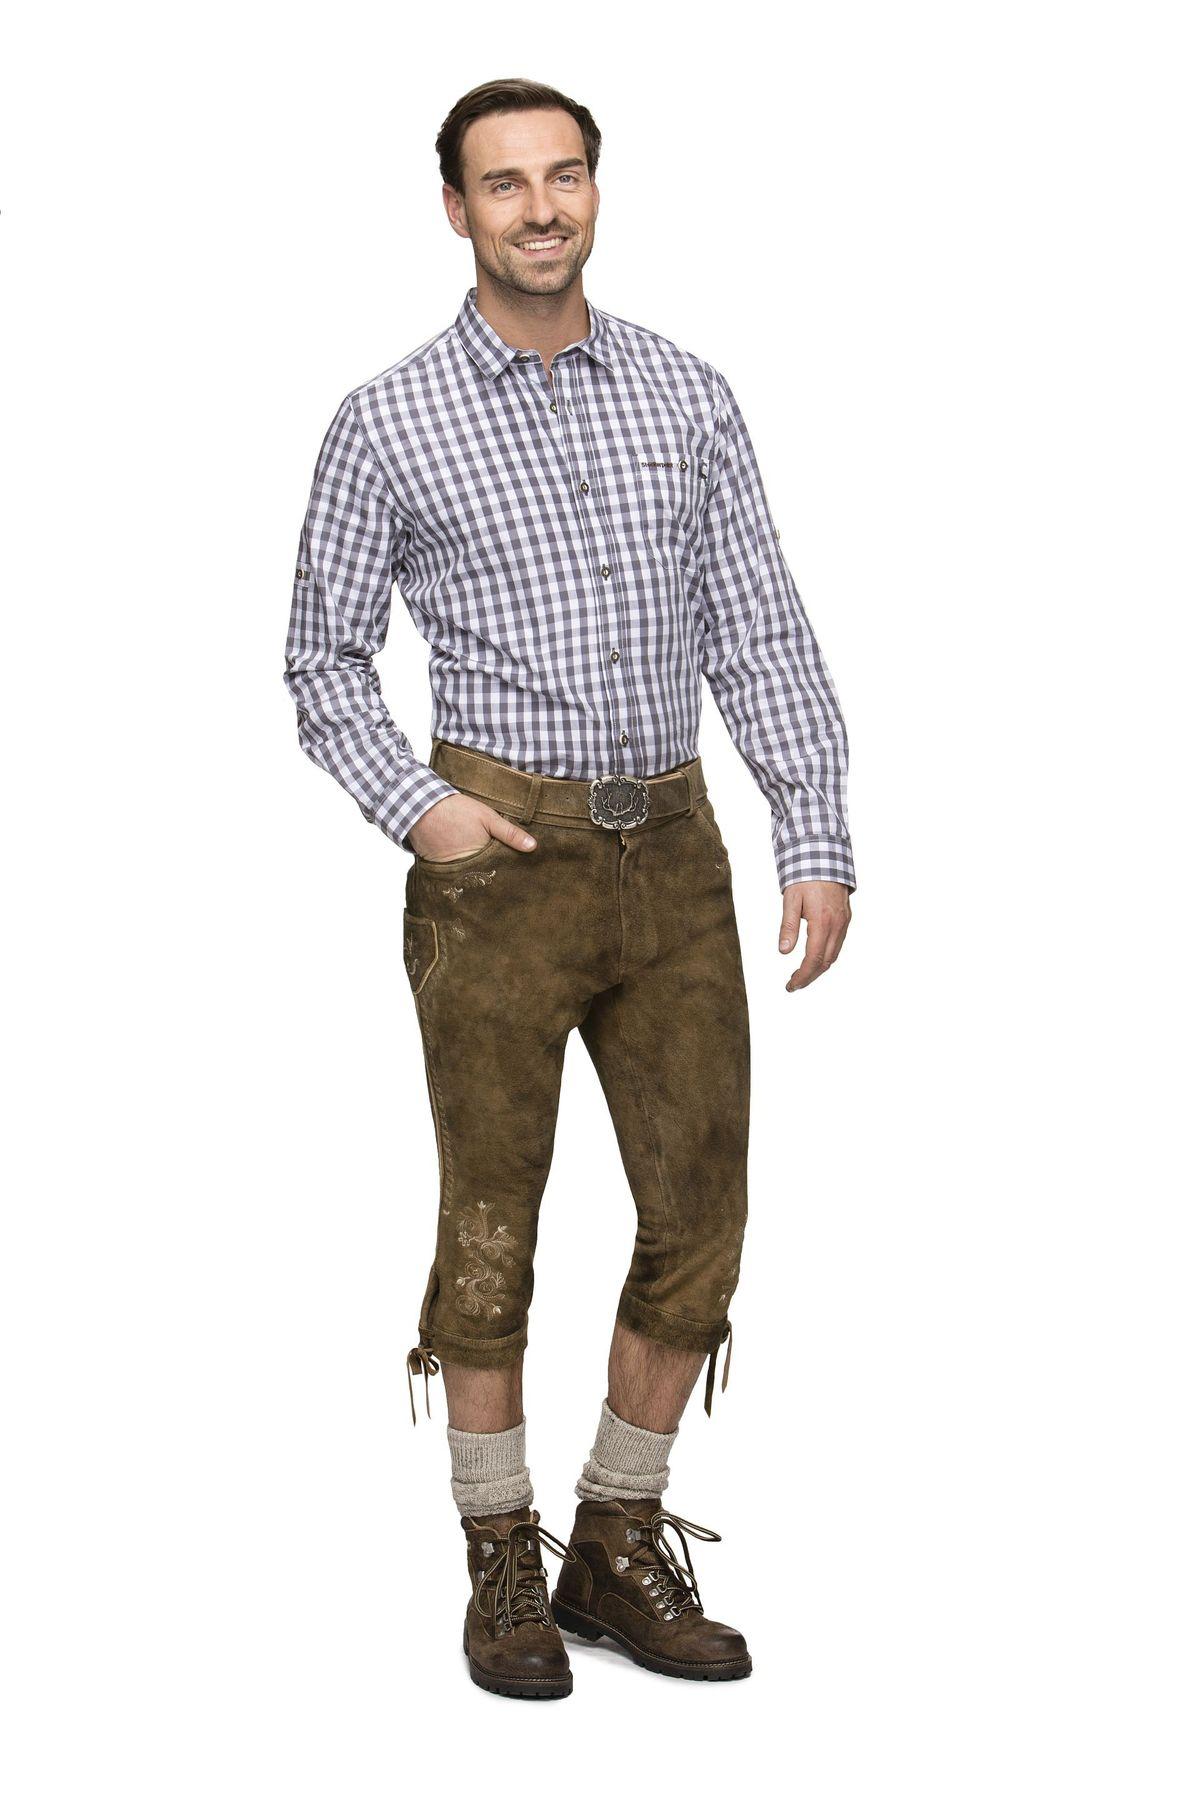 Herren Trachten Lederhose von der Marke STOCKERPOINT in verschiedenen Farben, Sigmar3 – Bild 2